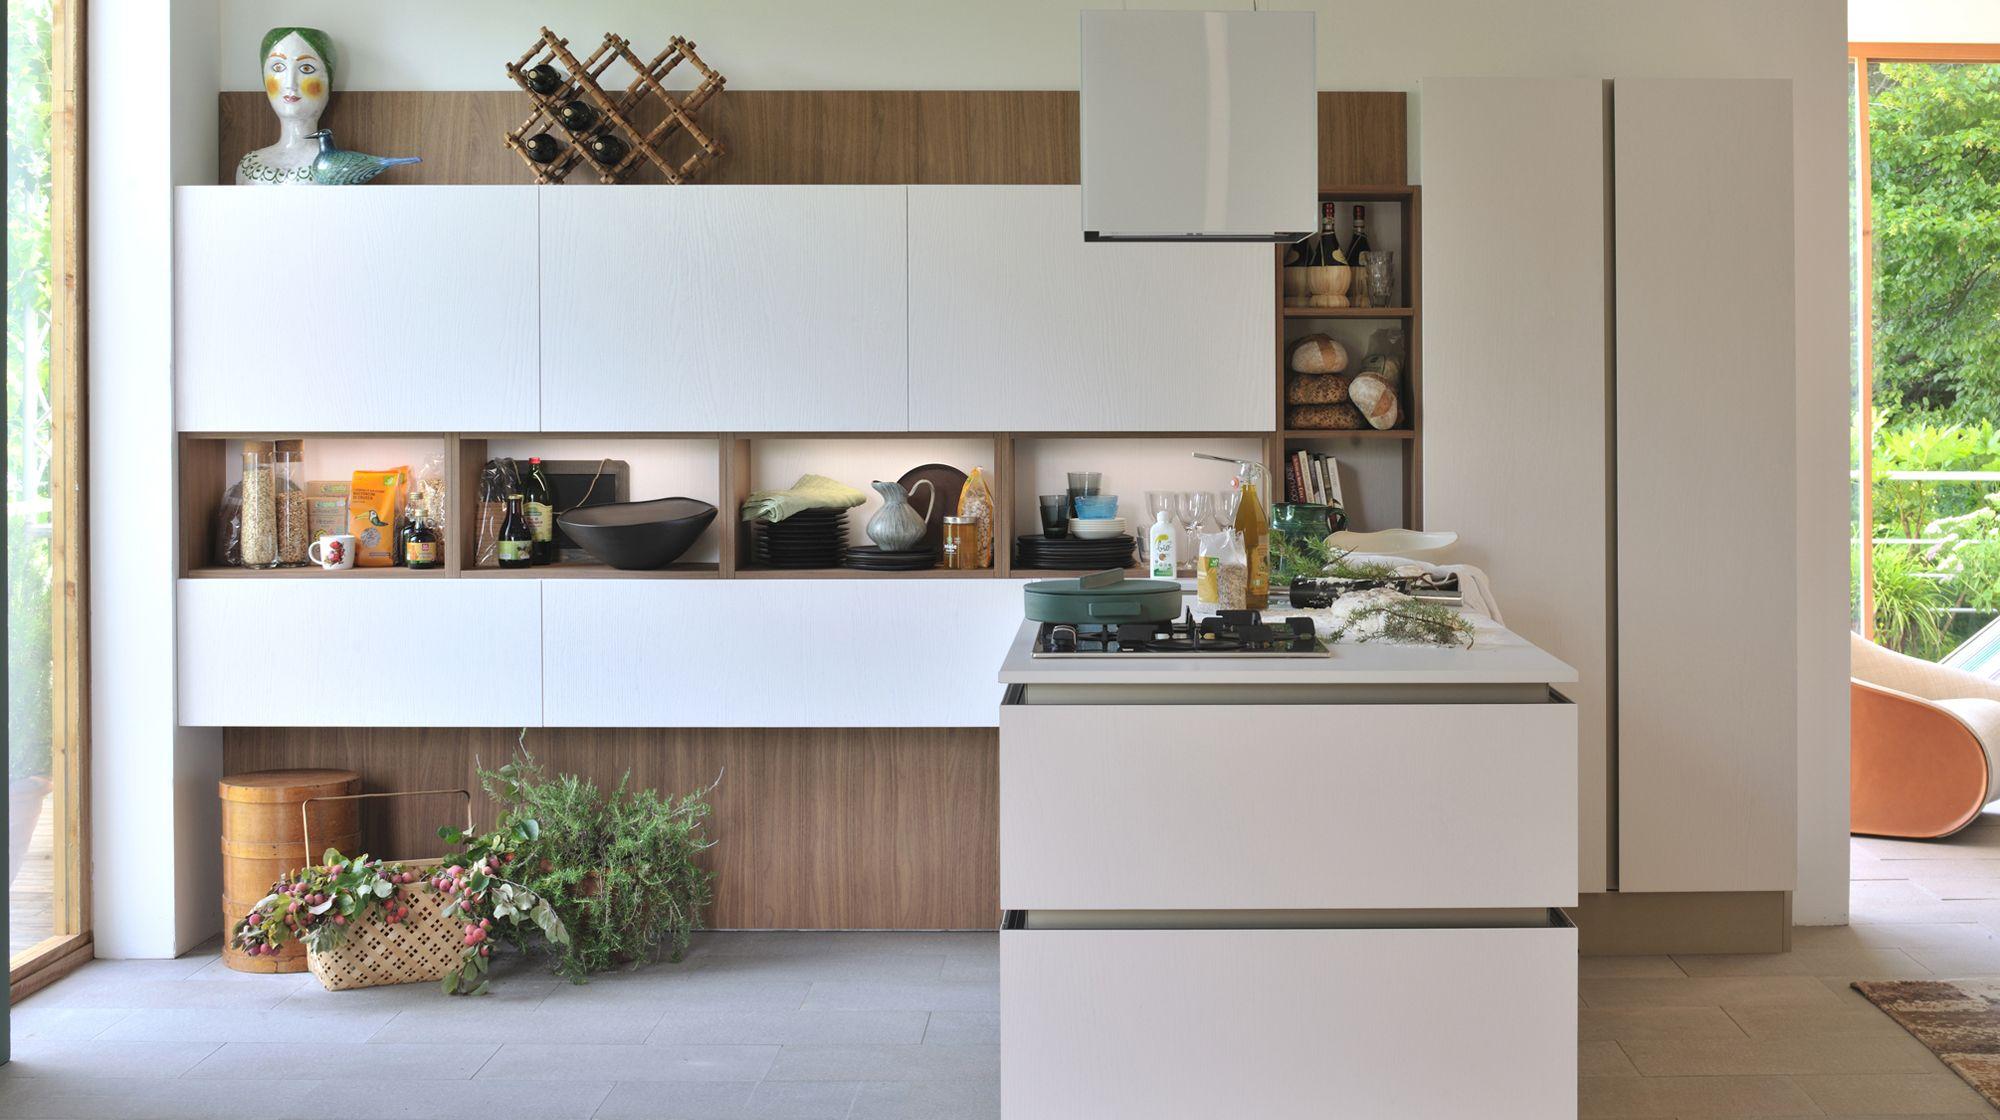 Cucine Kitchen, Traditional Luxury decor